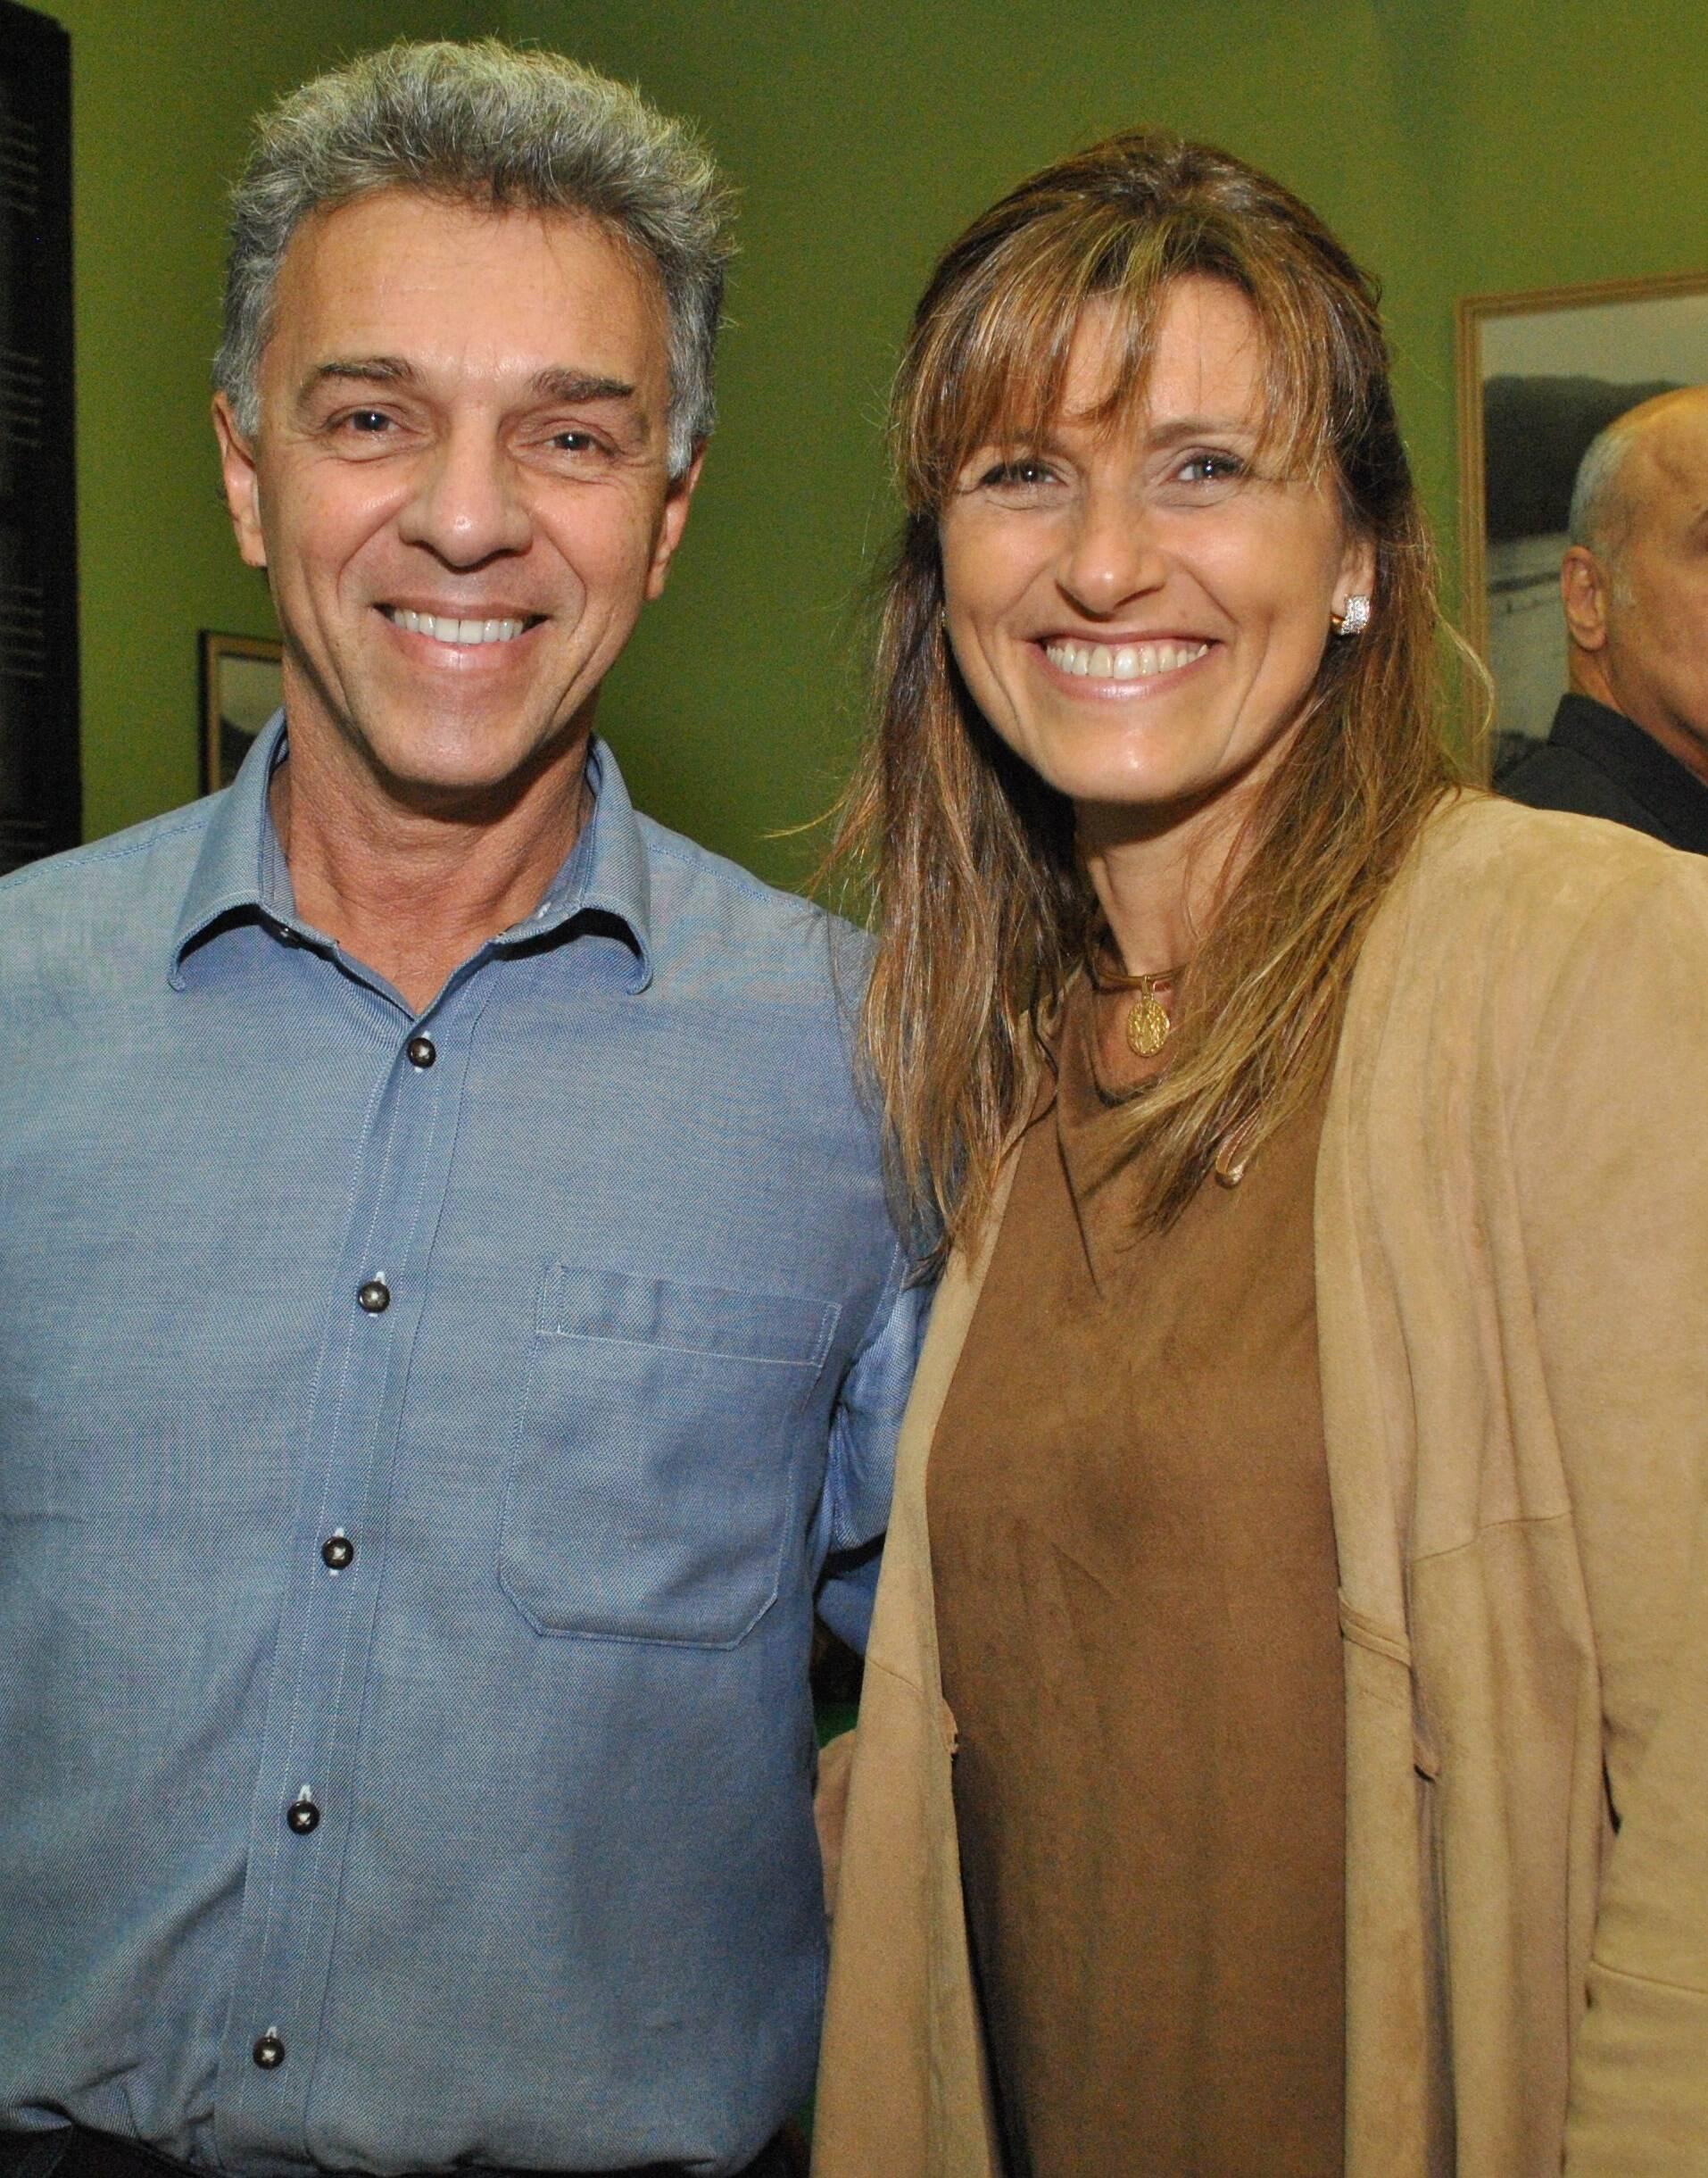 André Cechinel e Andrea Falcão: casamento para segundo semestre do ano que vem / Foto: Armando Araújo - arquivo Site Lu Lacerda